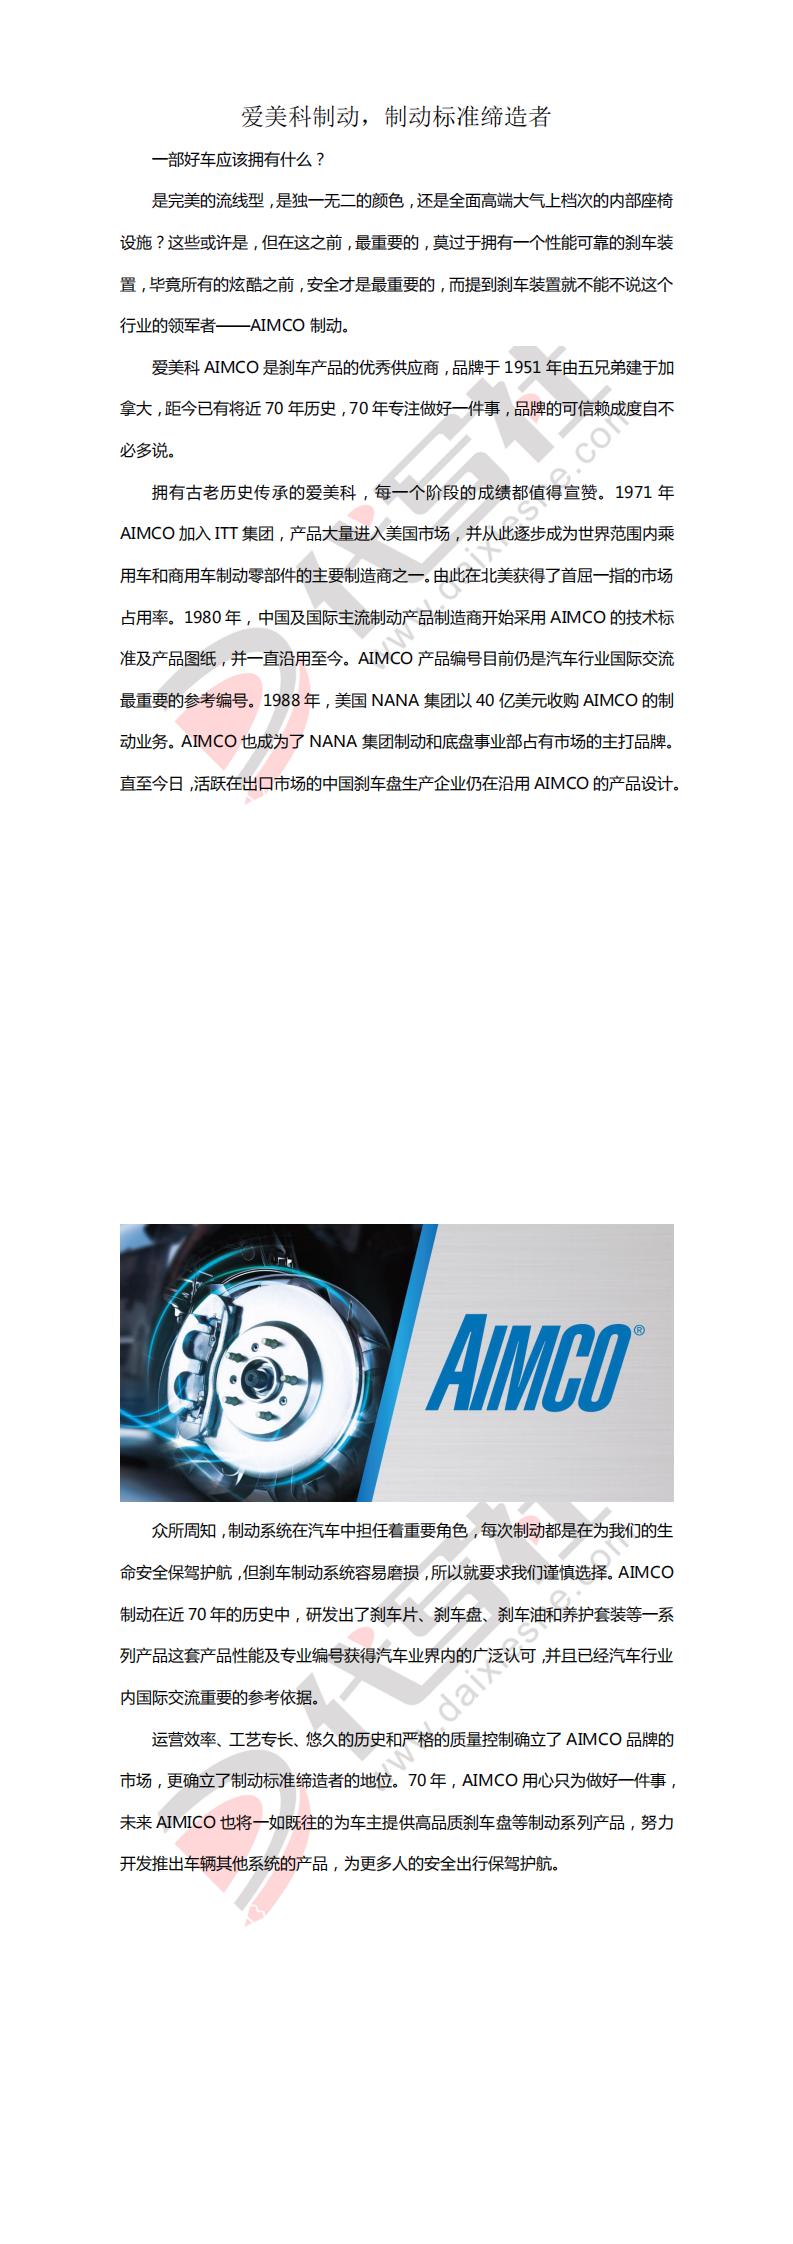 【新闻稿代写案例-汽车】XXXX制动,制动标准缔造者插图